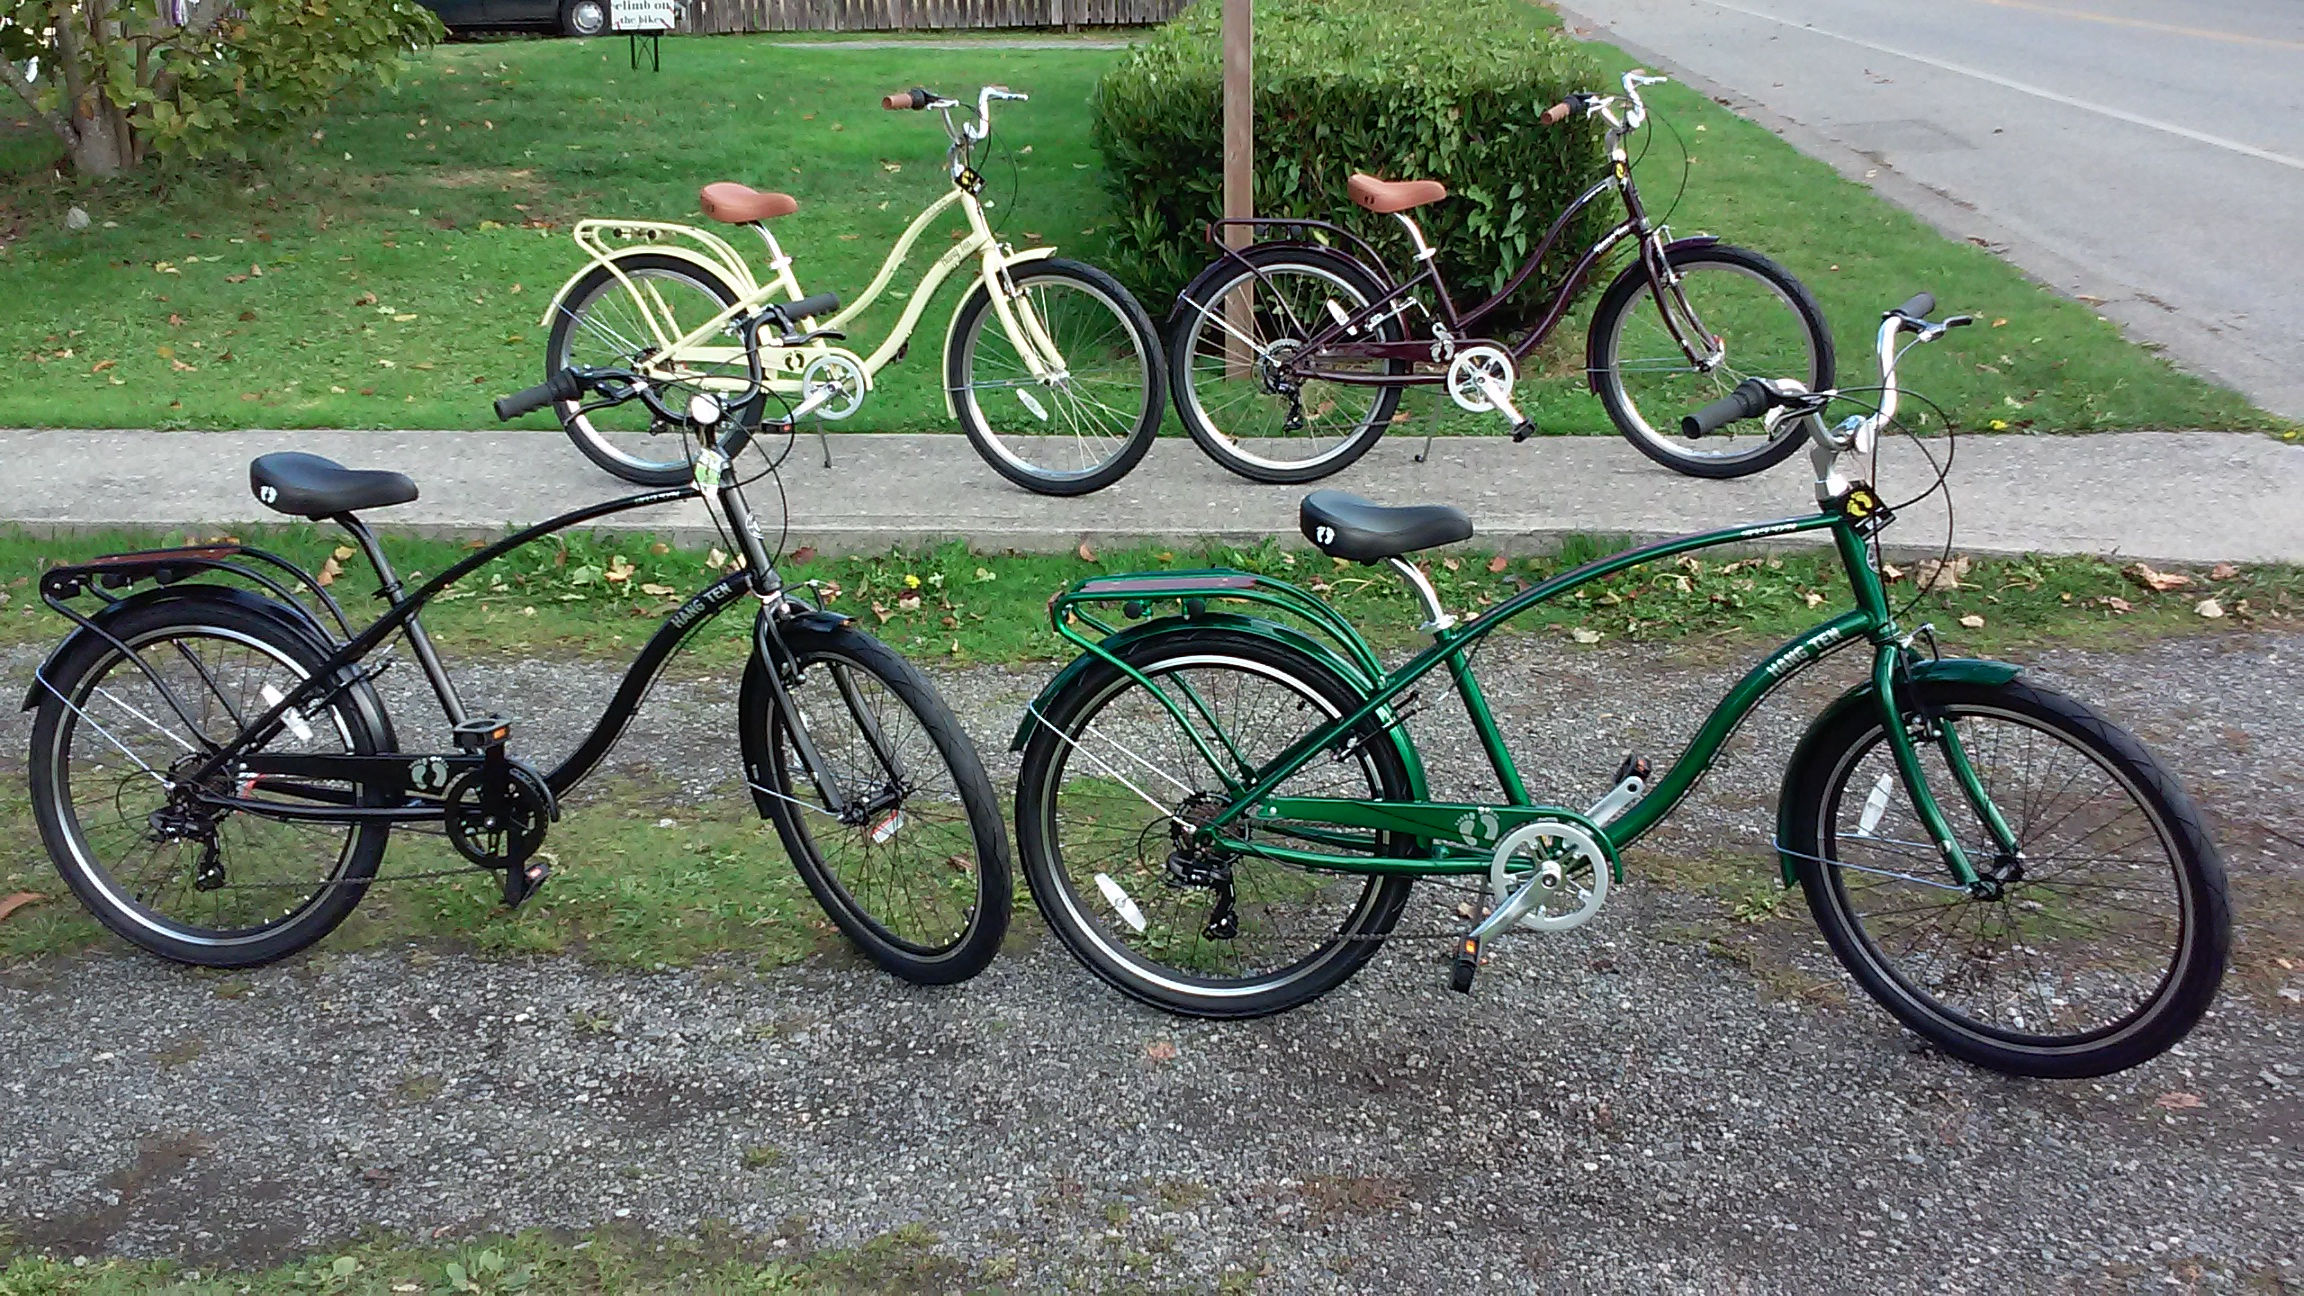 design public for product aluminum rack spaces prod landscapeforms bike cast original